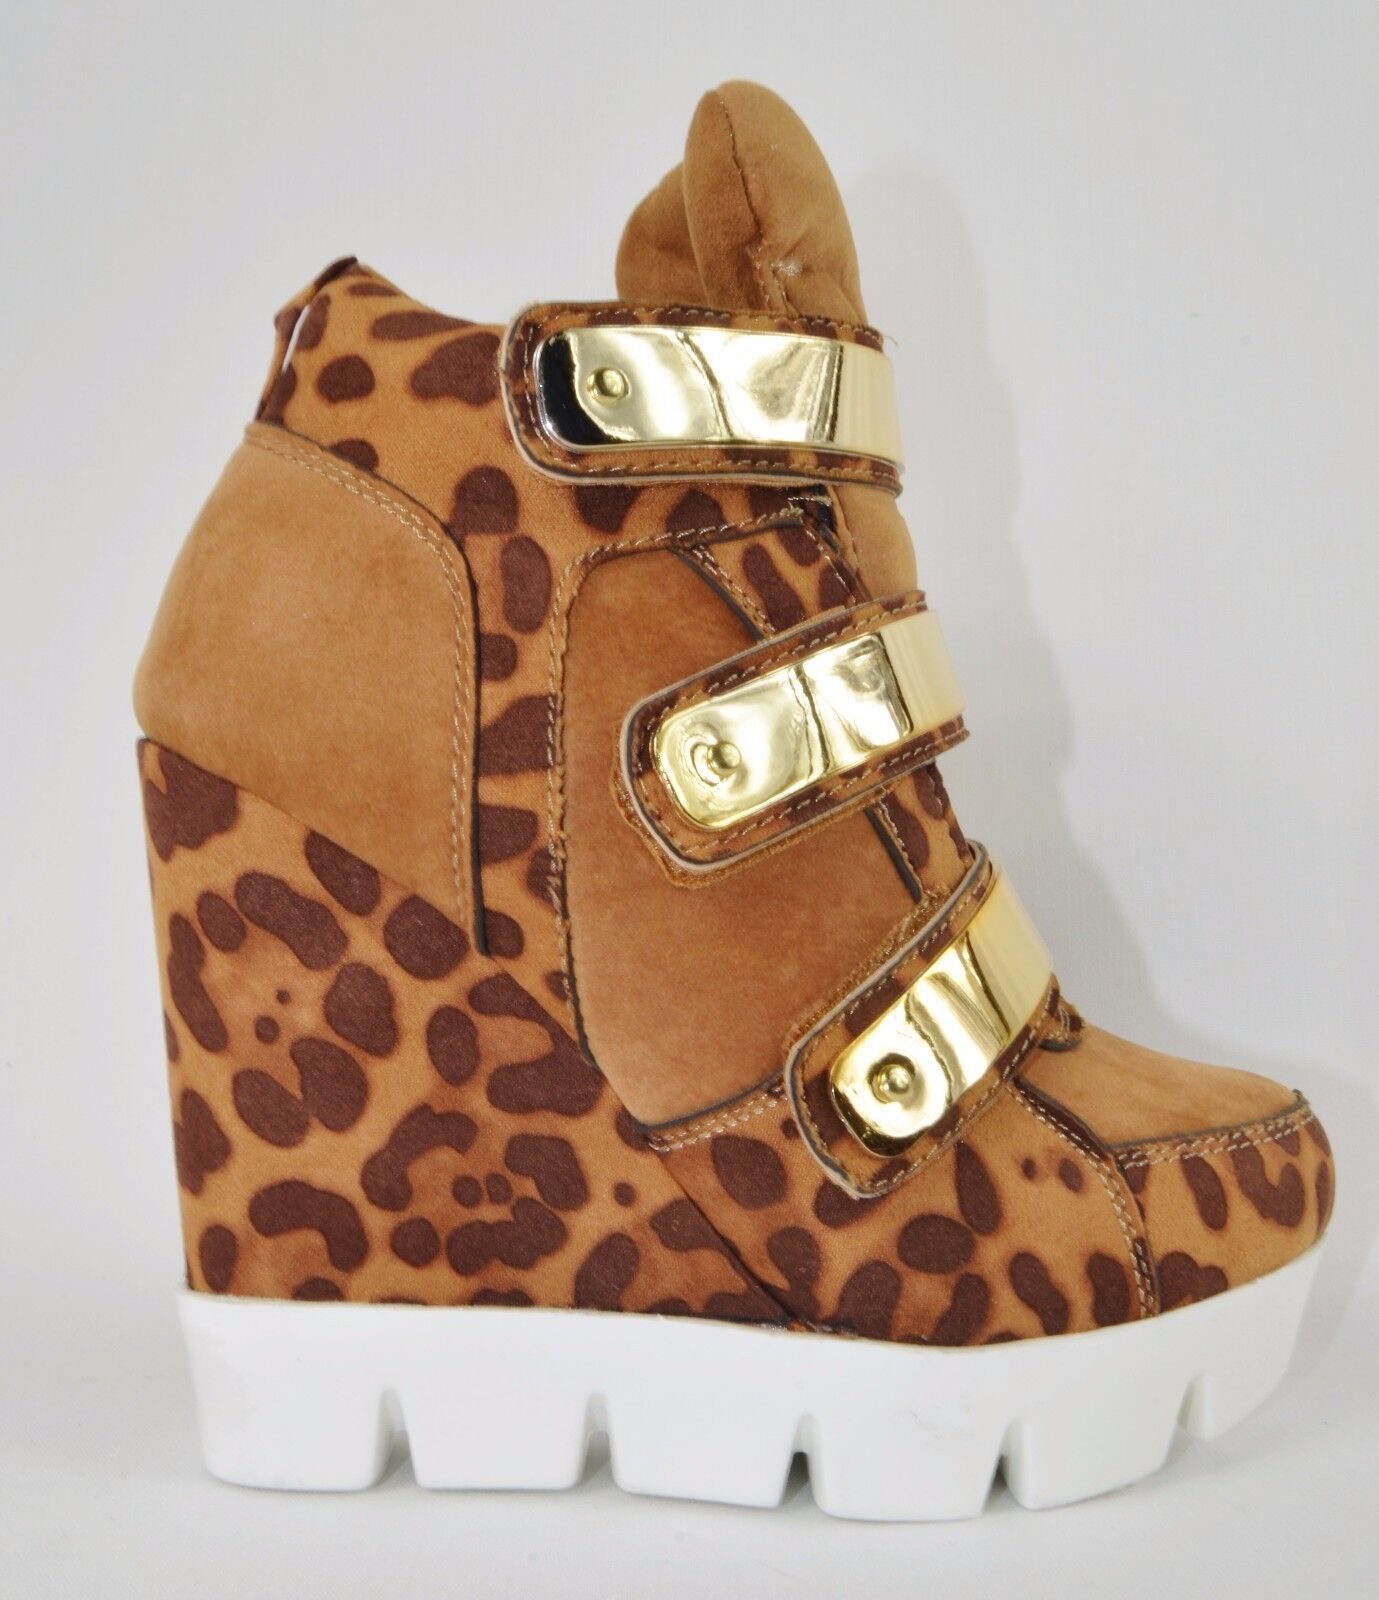 Convince Lug Sneaker Sole 3 Metallic Band Sneaker Lug Wedge Schuhe Tan Leopard Größe 7 751698